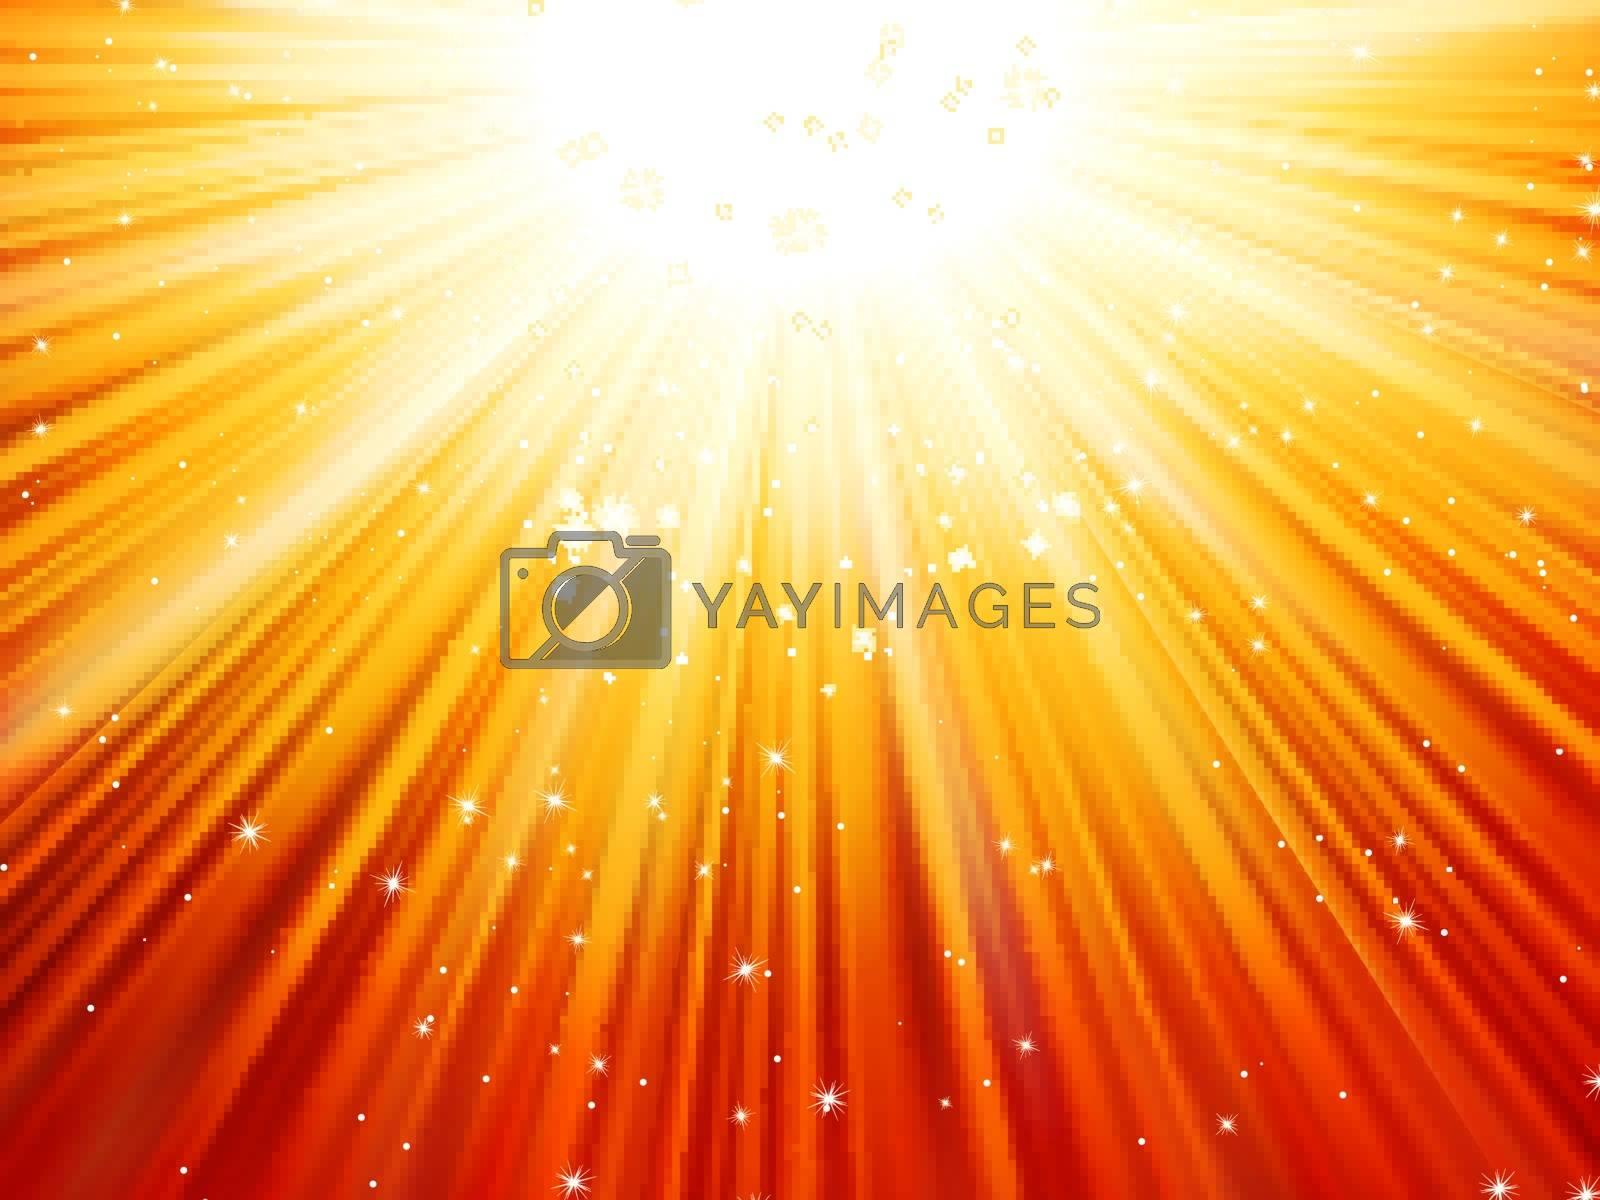 Sunburst rays of sunlight tenplate. EPS 10 vector file included